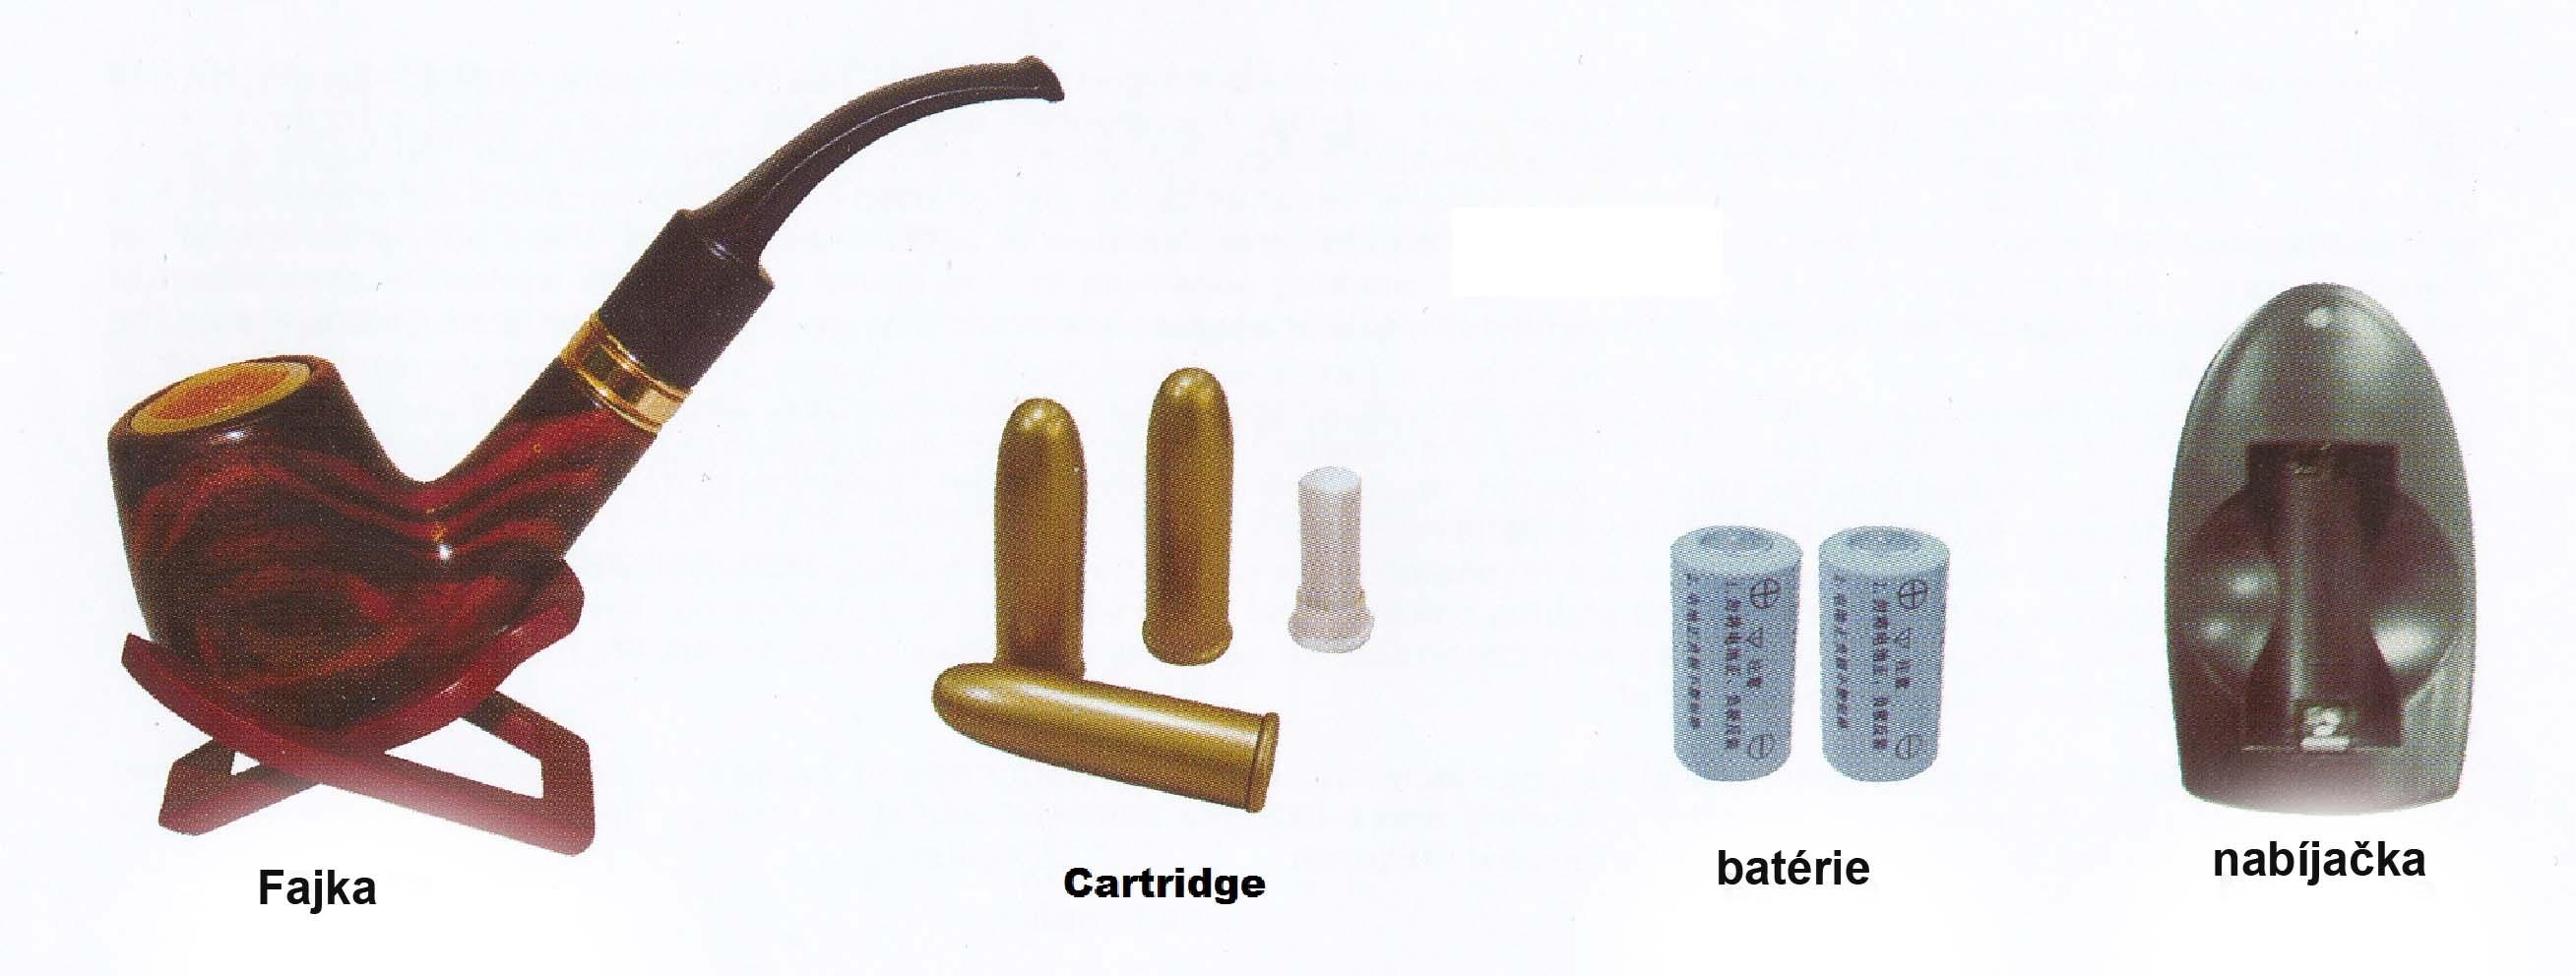 obsah balenia elektronickej fajky Pipe 601 v distribúcií Zdravé fajčenie/e-smokes.eu